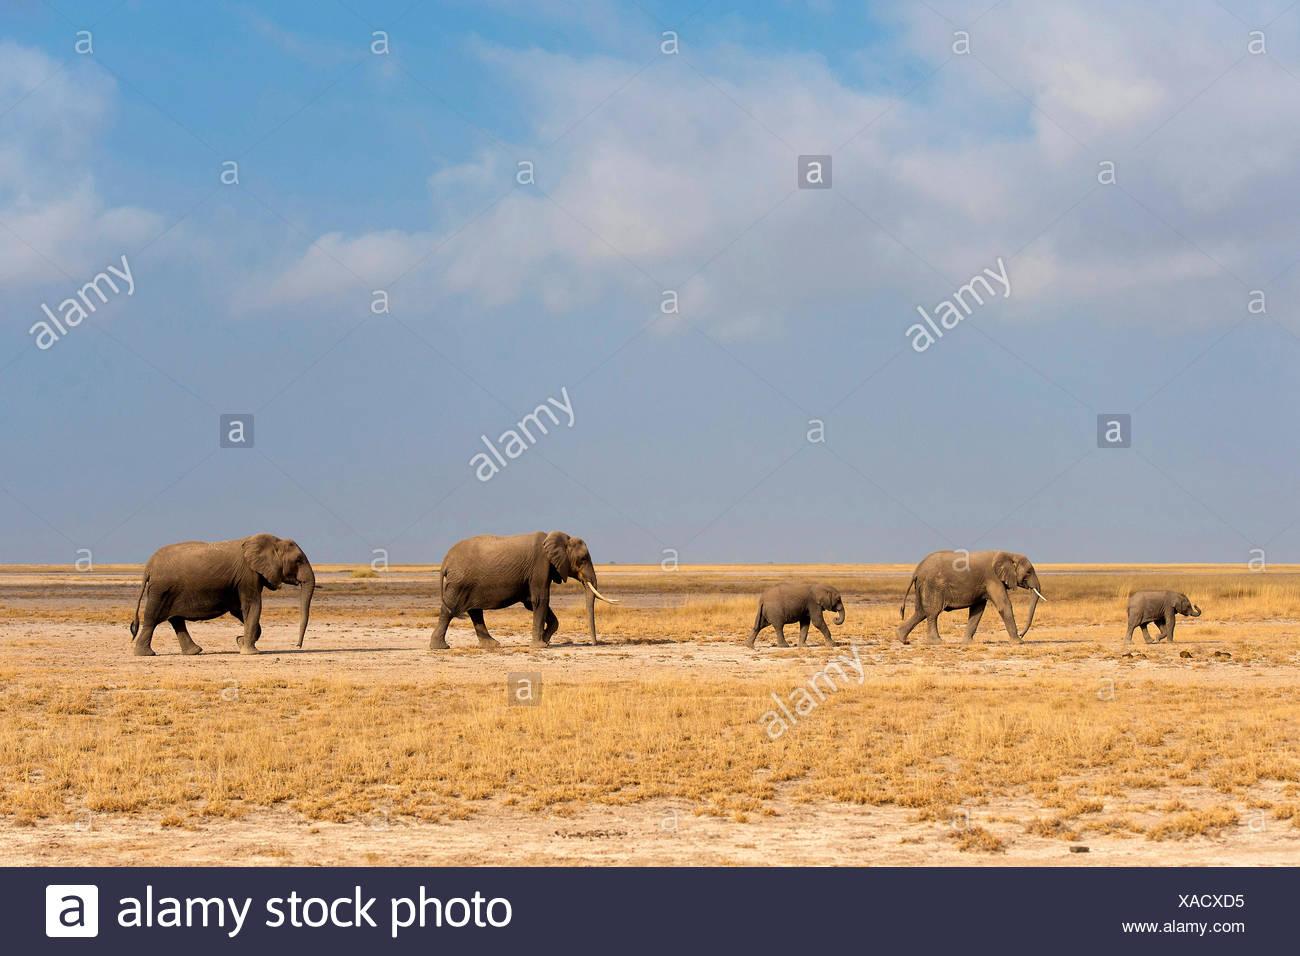 African elephant (Loxodonta africana), family of elephants walking through the savannah, Kenya, Amboseli National Park - Stock Image